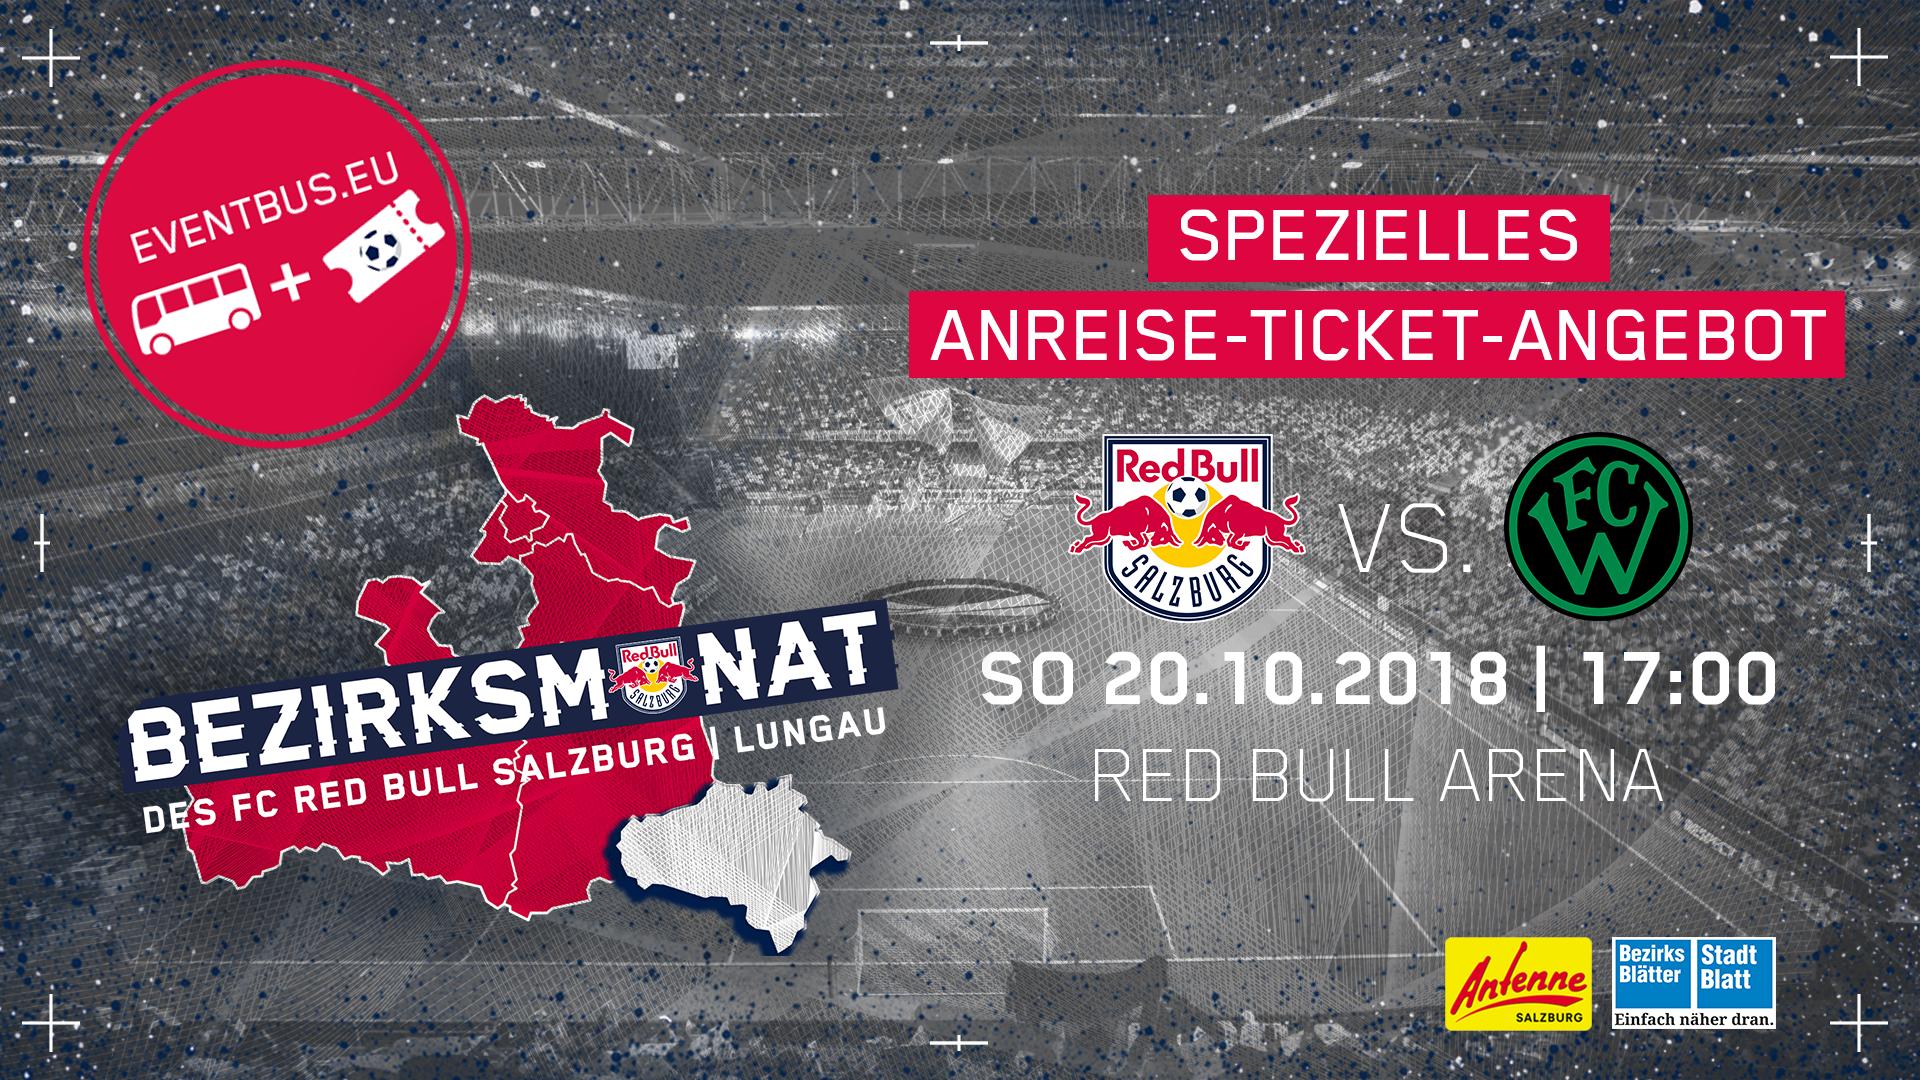 Bezirksmonat von Red Bull Salzburg